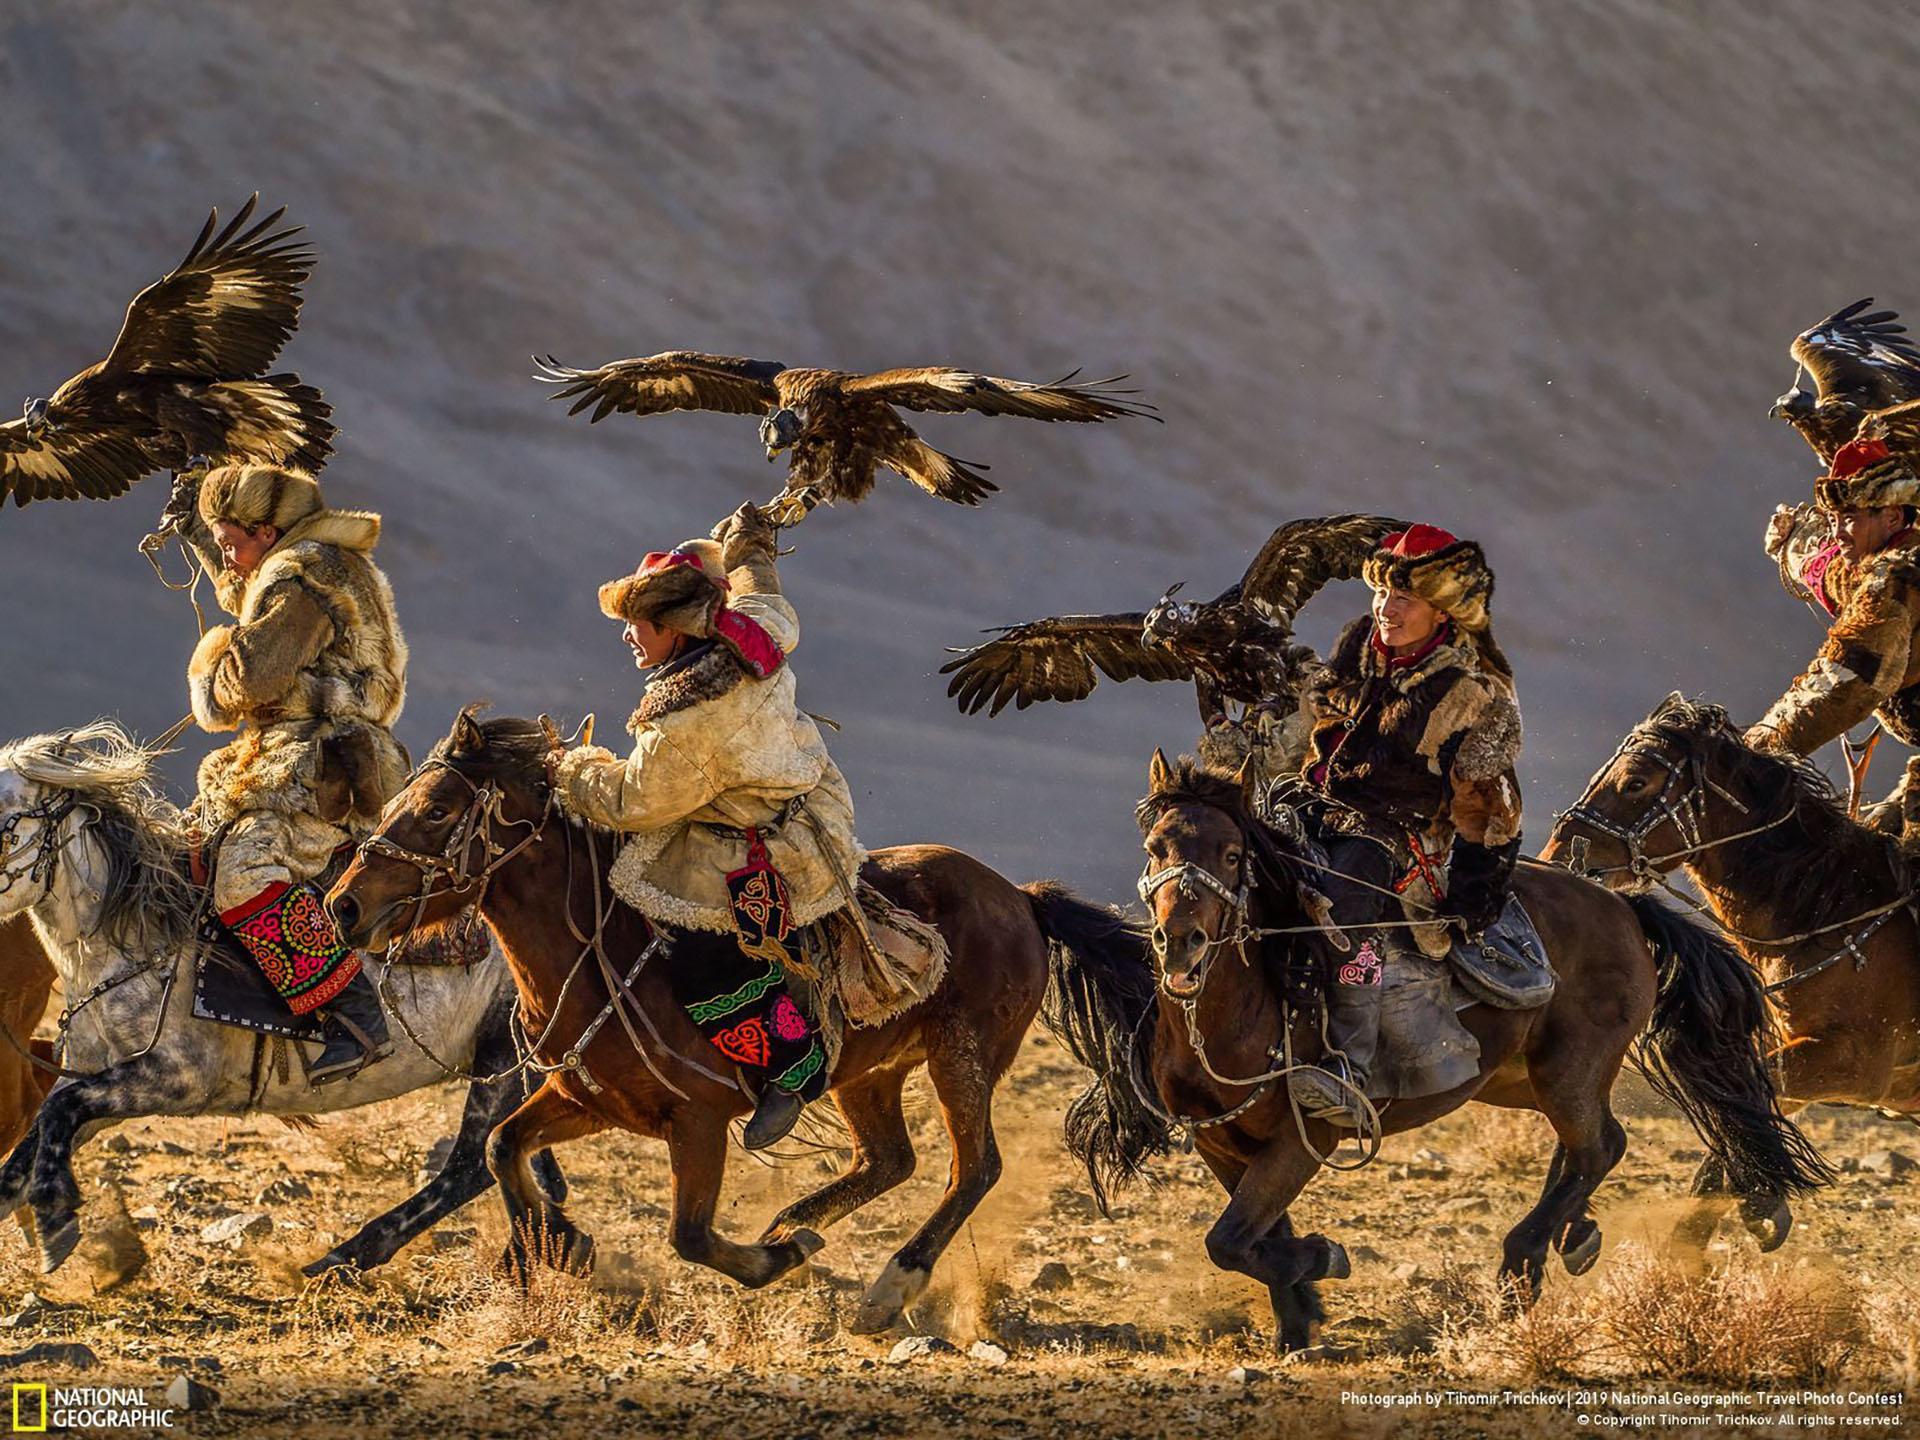 """""""Cabalgamos juntos, volamos juntos"""", por Tihomir Trichkov: Los participantes del Festival de la Águila Dorada (Golden Eagle Festival) -un festival anual tradicional celebrado en el aymag de Bayan-Ölgiy, una de las 21 provincias en la parte más occidental de Mongolia- muestran sus habilidades. Los cazadores de águilas celebran su herencia kazaja y compiten para capturar pequeños animales, como conejos y zorros. La caza del águila se ha practicado en Asia Central desde hace miles de años, aunque hoy en día solo se conserva en la cultura kazaja, donde las tradiciones siguen vivas y bien conservadas. (""""We Ride Together, We Fly Together"""" / 2019 National Geographic Travel Photo Contest / Categoría: Personas)"""